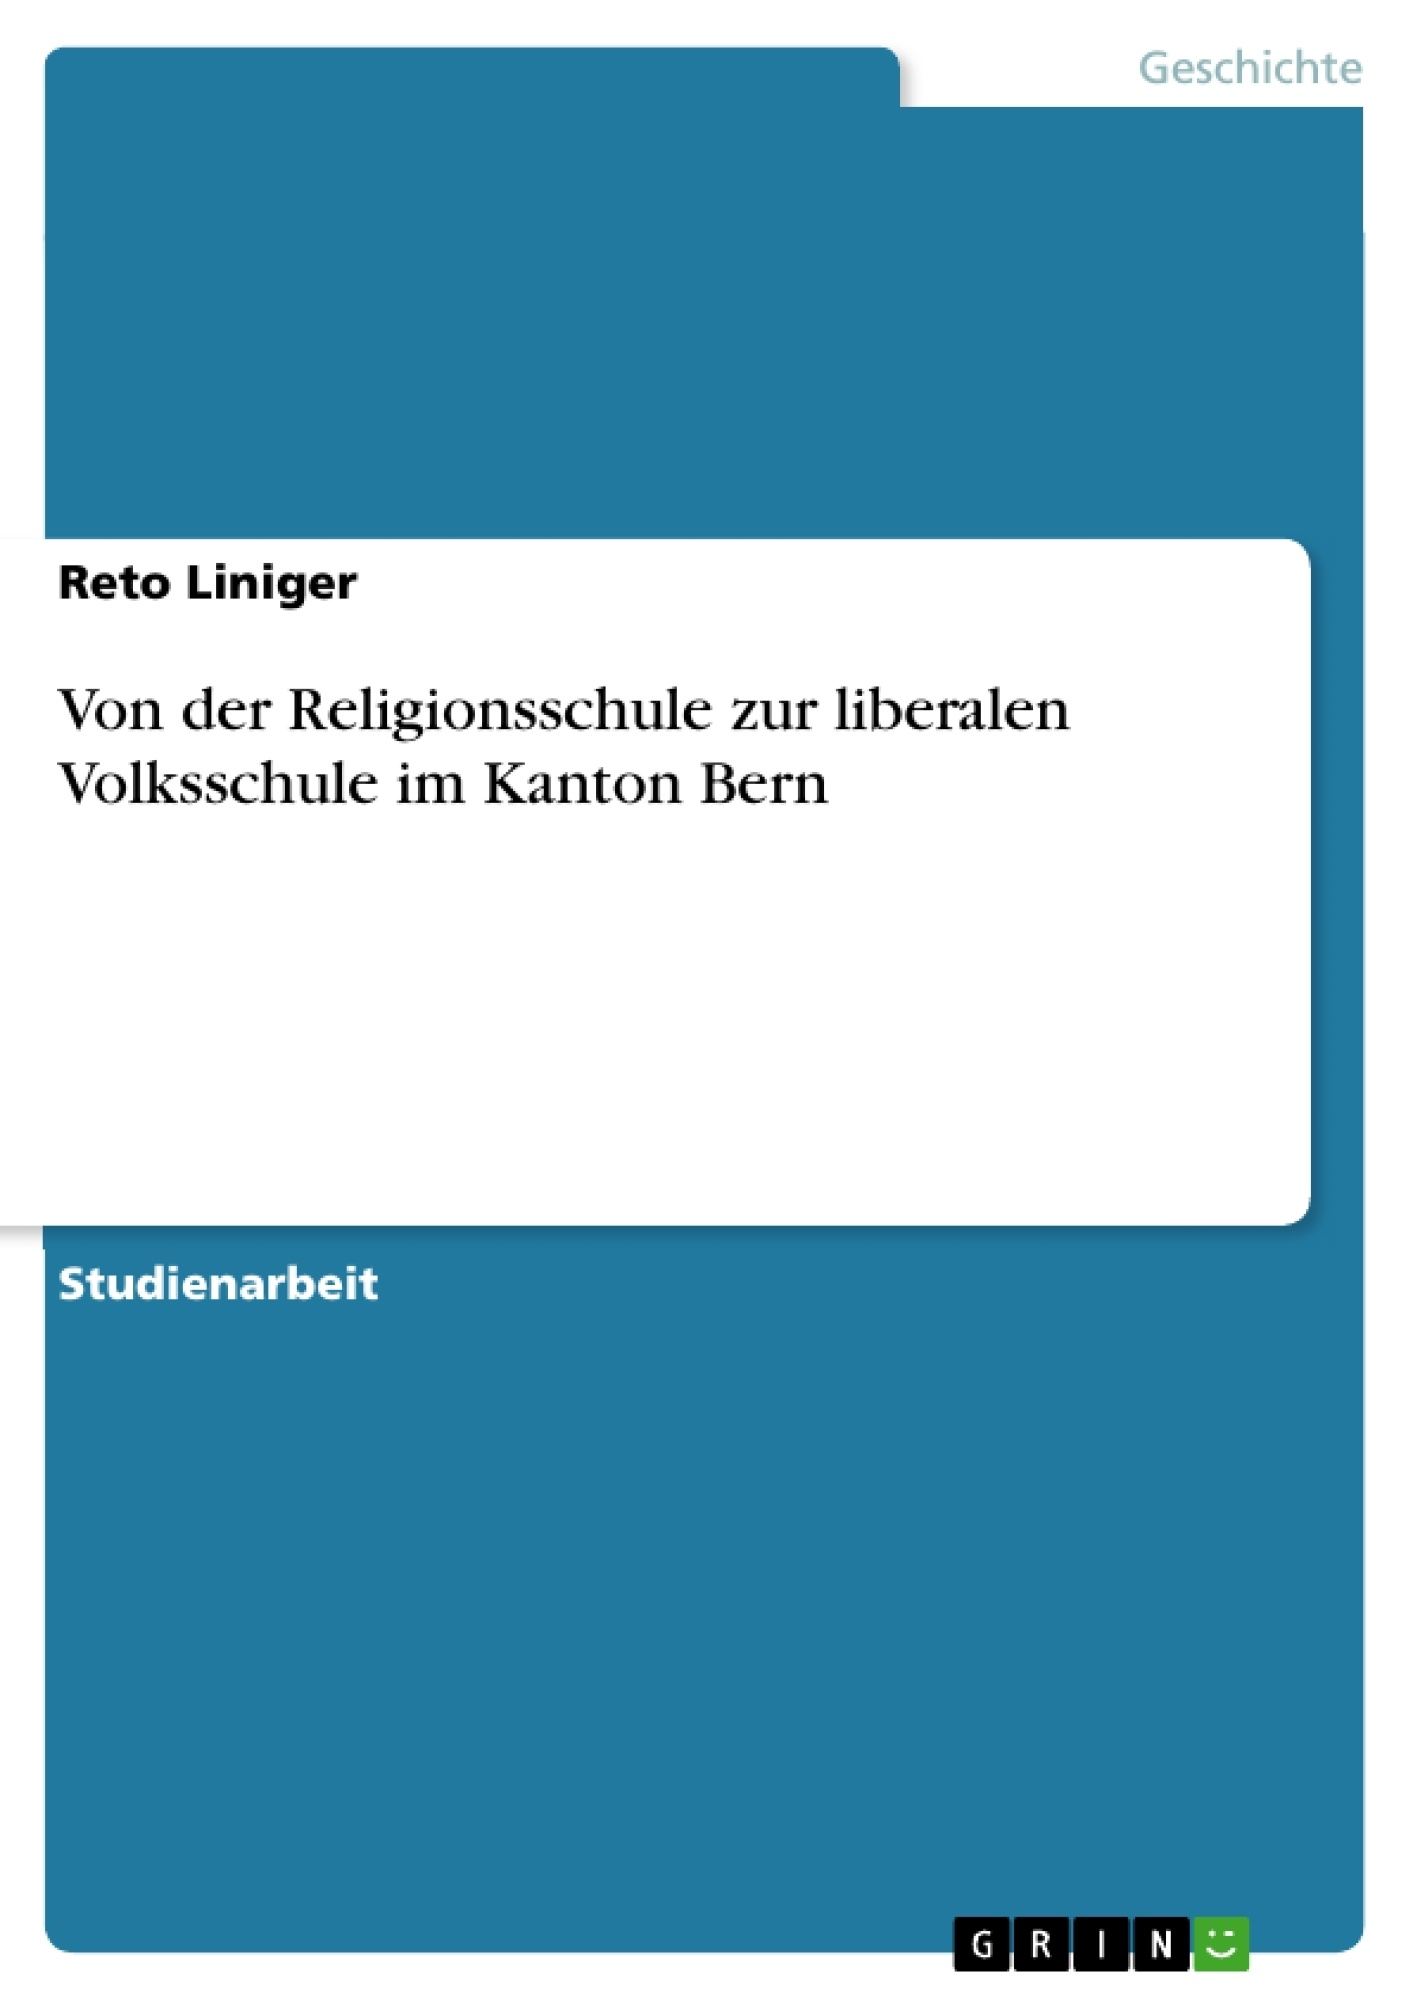 Titel: Von der Religionsschule zur liberalen Volksschule im Kanton Bern